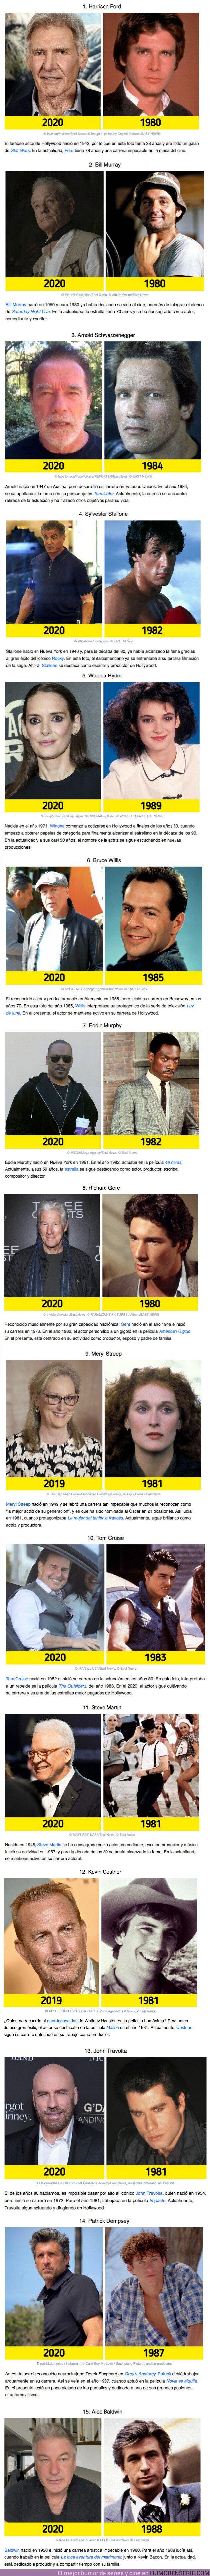 64626 - GALERÍA: Cómo se veían 15 grandes actores de Hollywood cuando iniciaron su carrera en los años 80